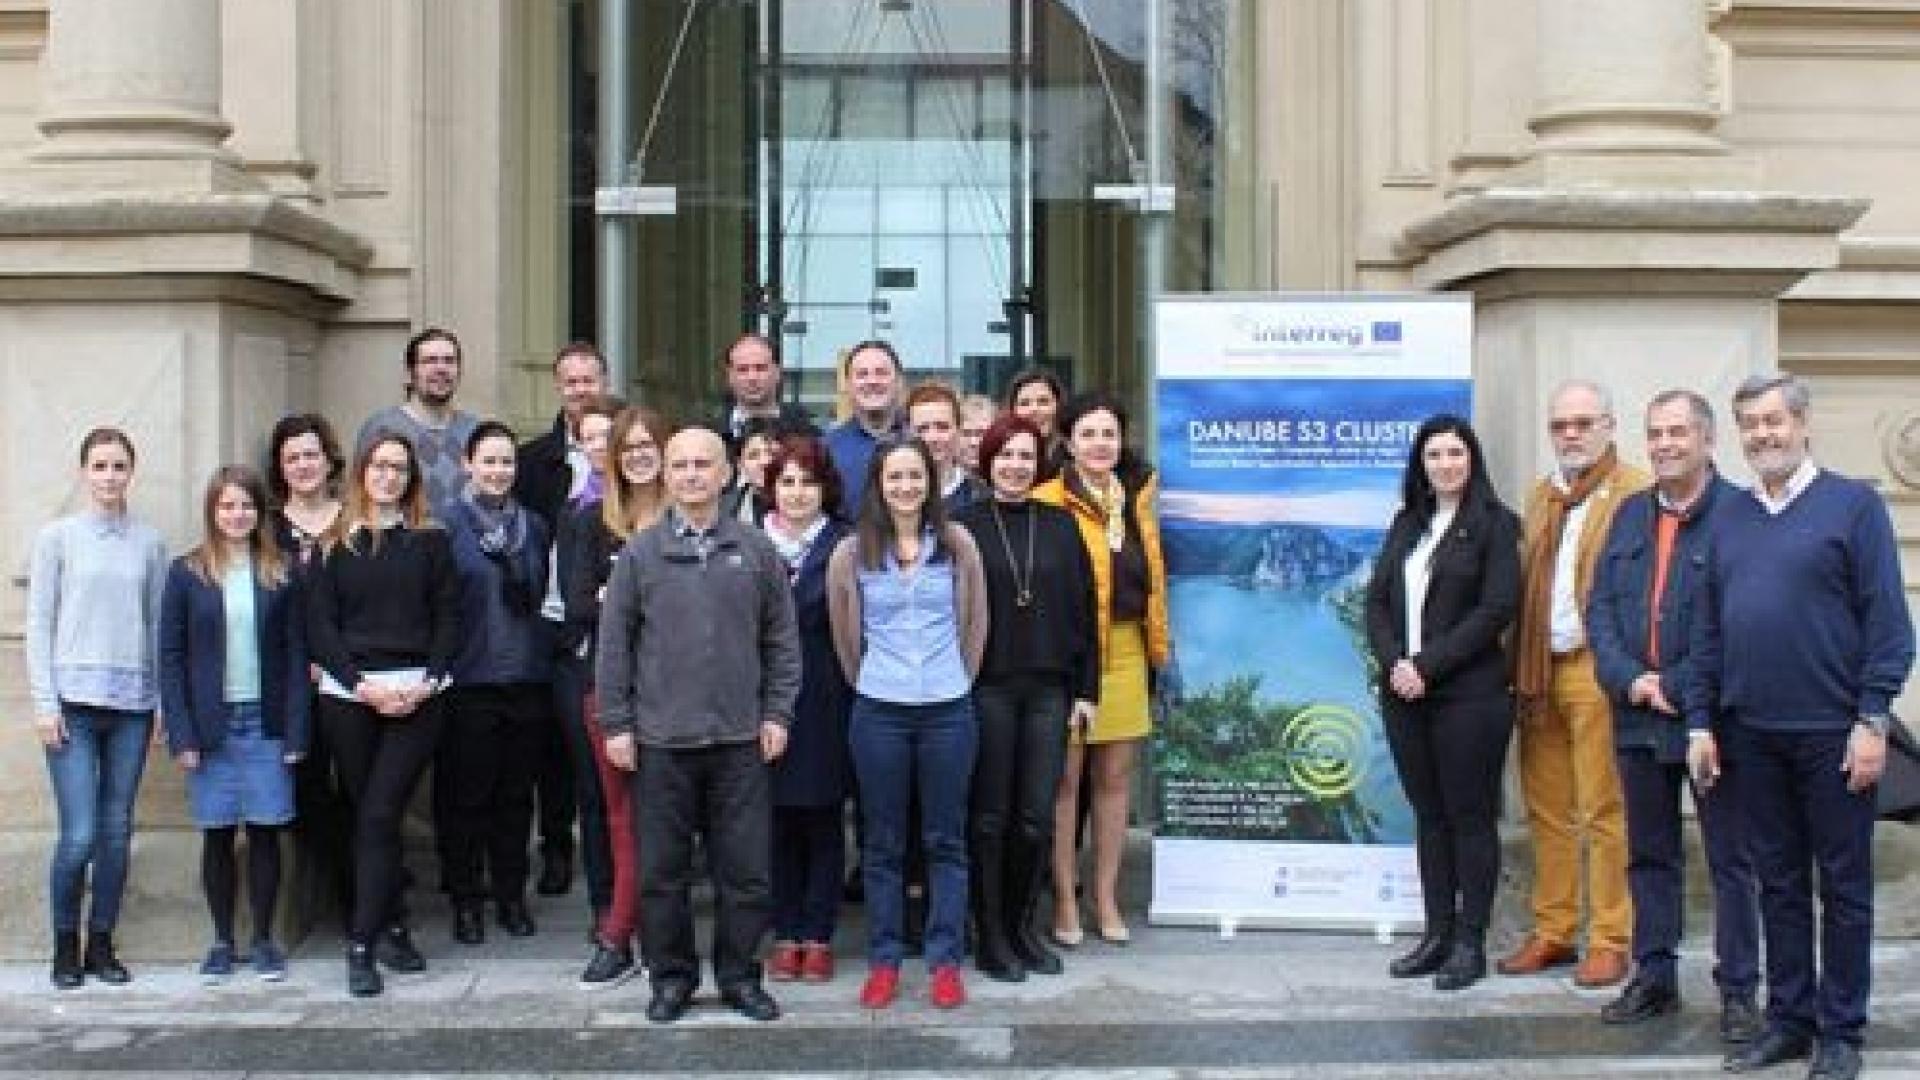 Влиянието на COVID19 върху сектора на агрохраните ще бъде изследвано през следващите 6 месеца по проект Дунав S3 клъстер